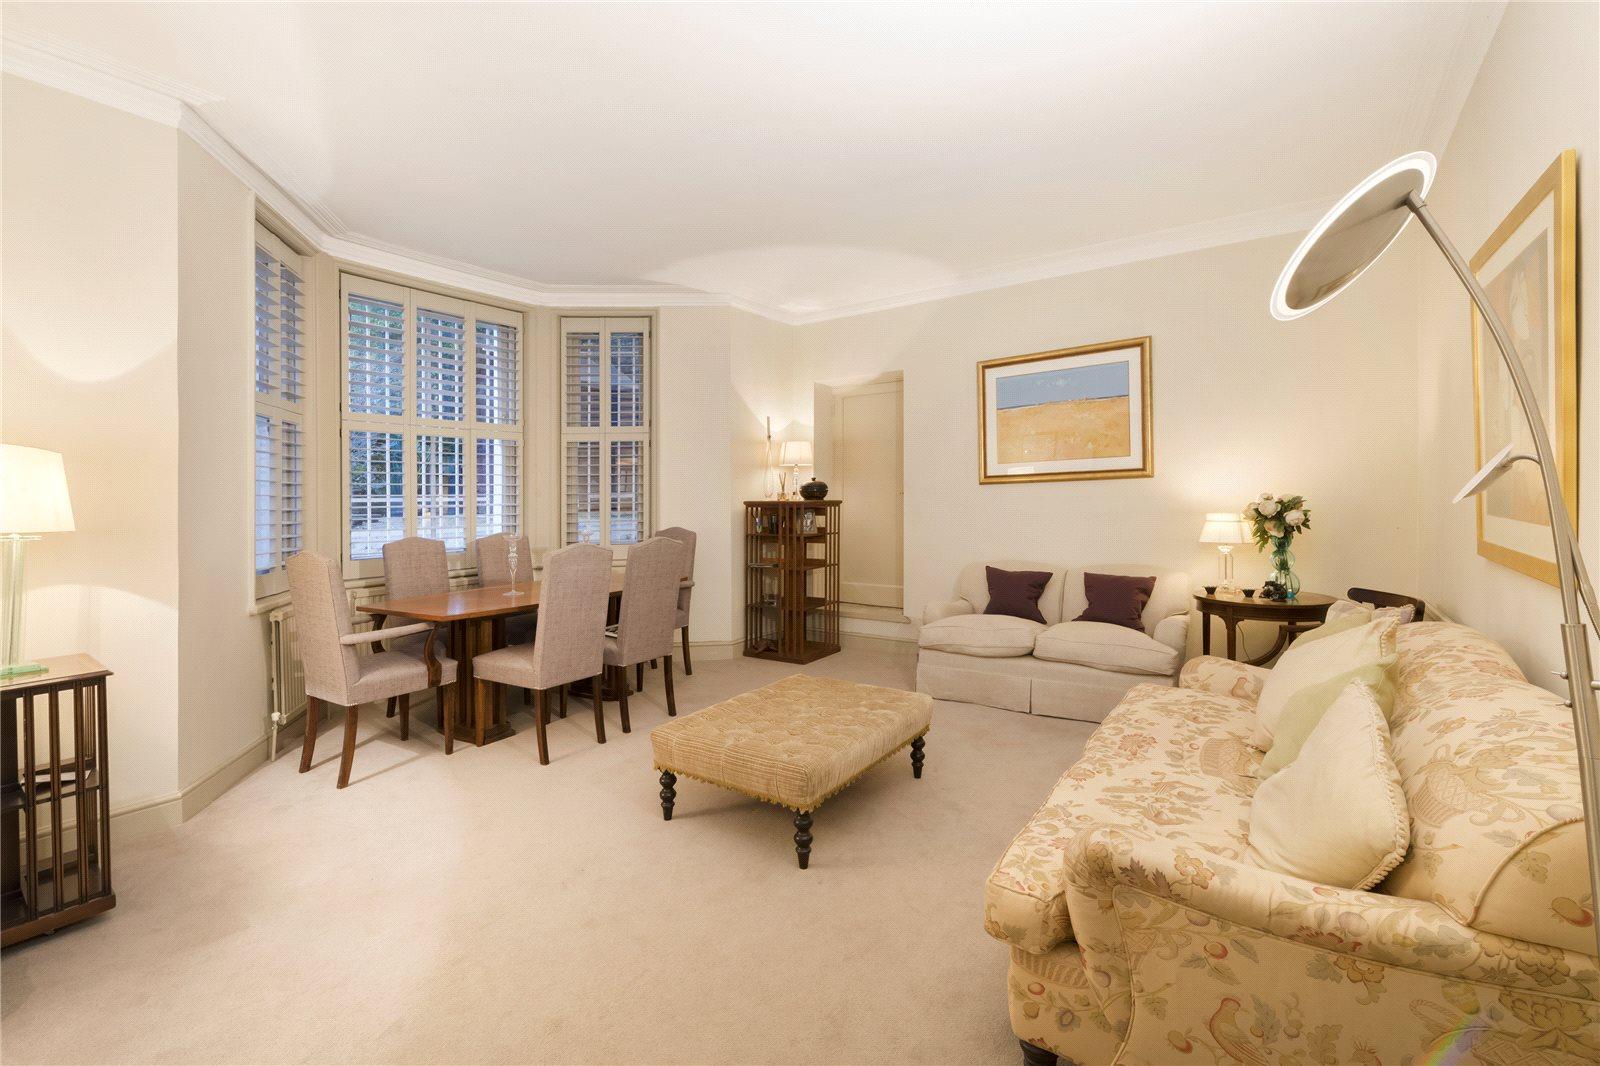 集合住宅 のために 売買 アット Redcliffe Square, London, SW10 London, イギリス